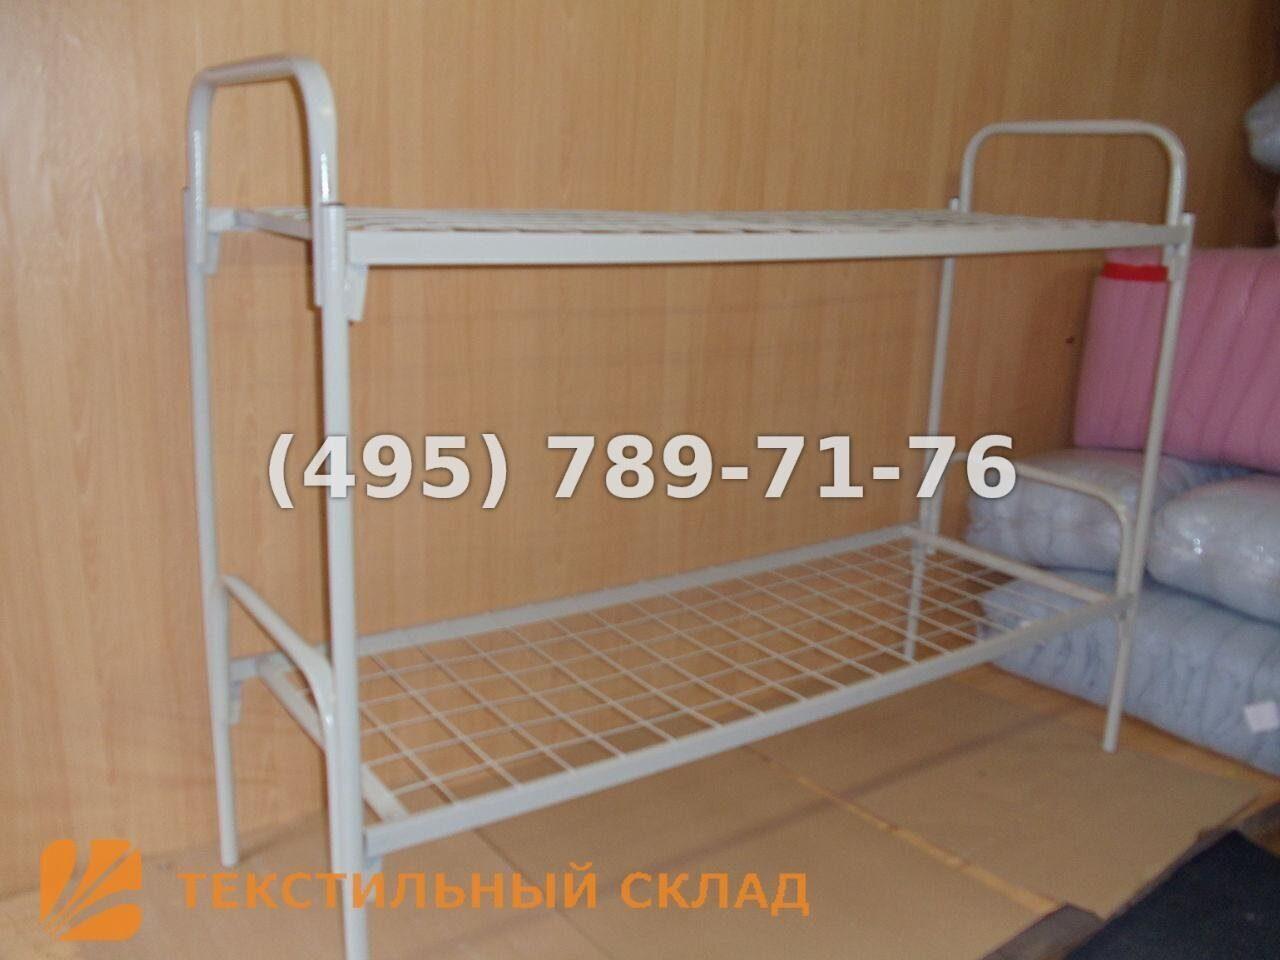 Детская поликлиника в г иваново